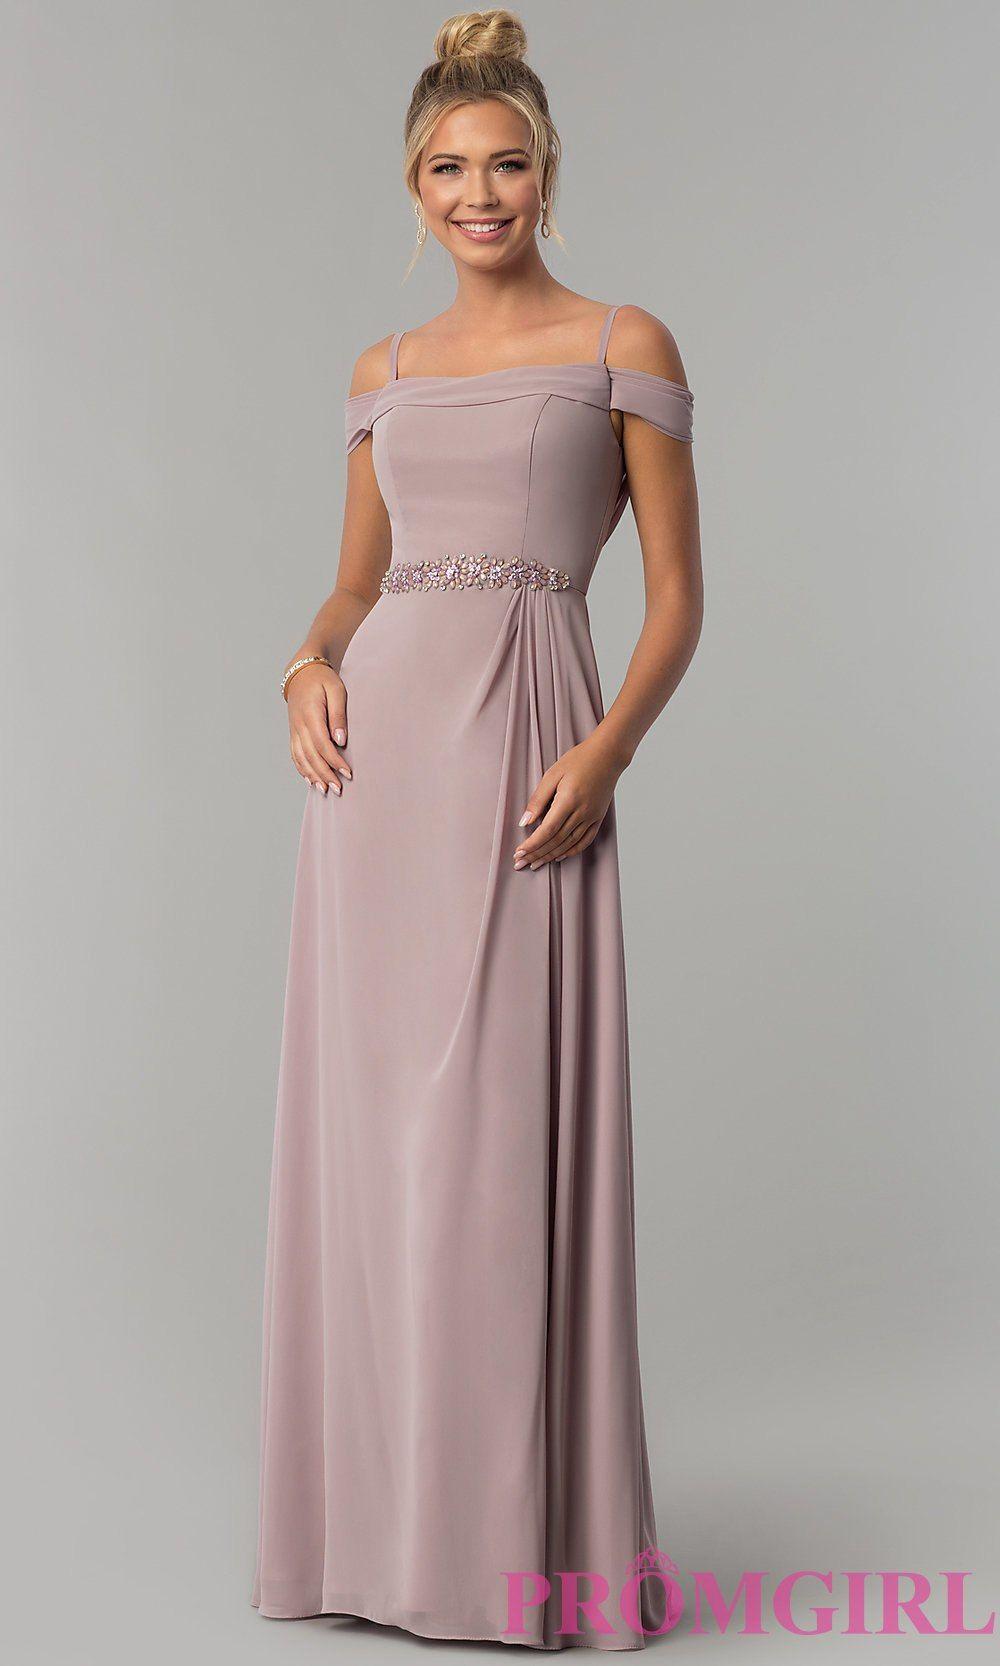 Cowlback offshoulder long prom dress promgirl fancy dresses